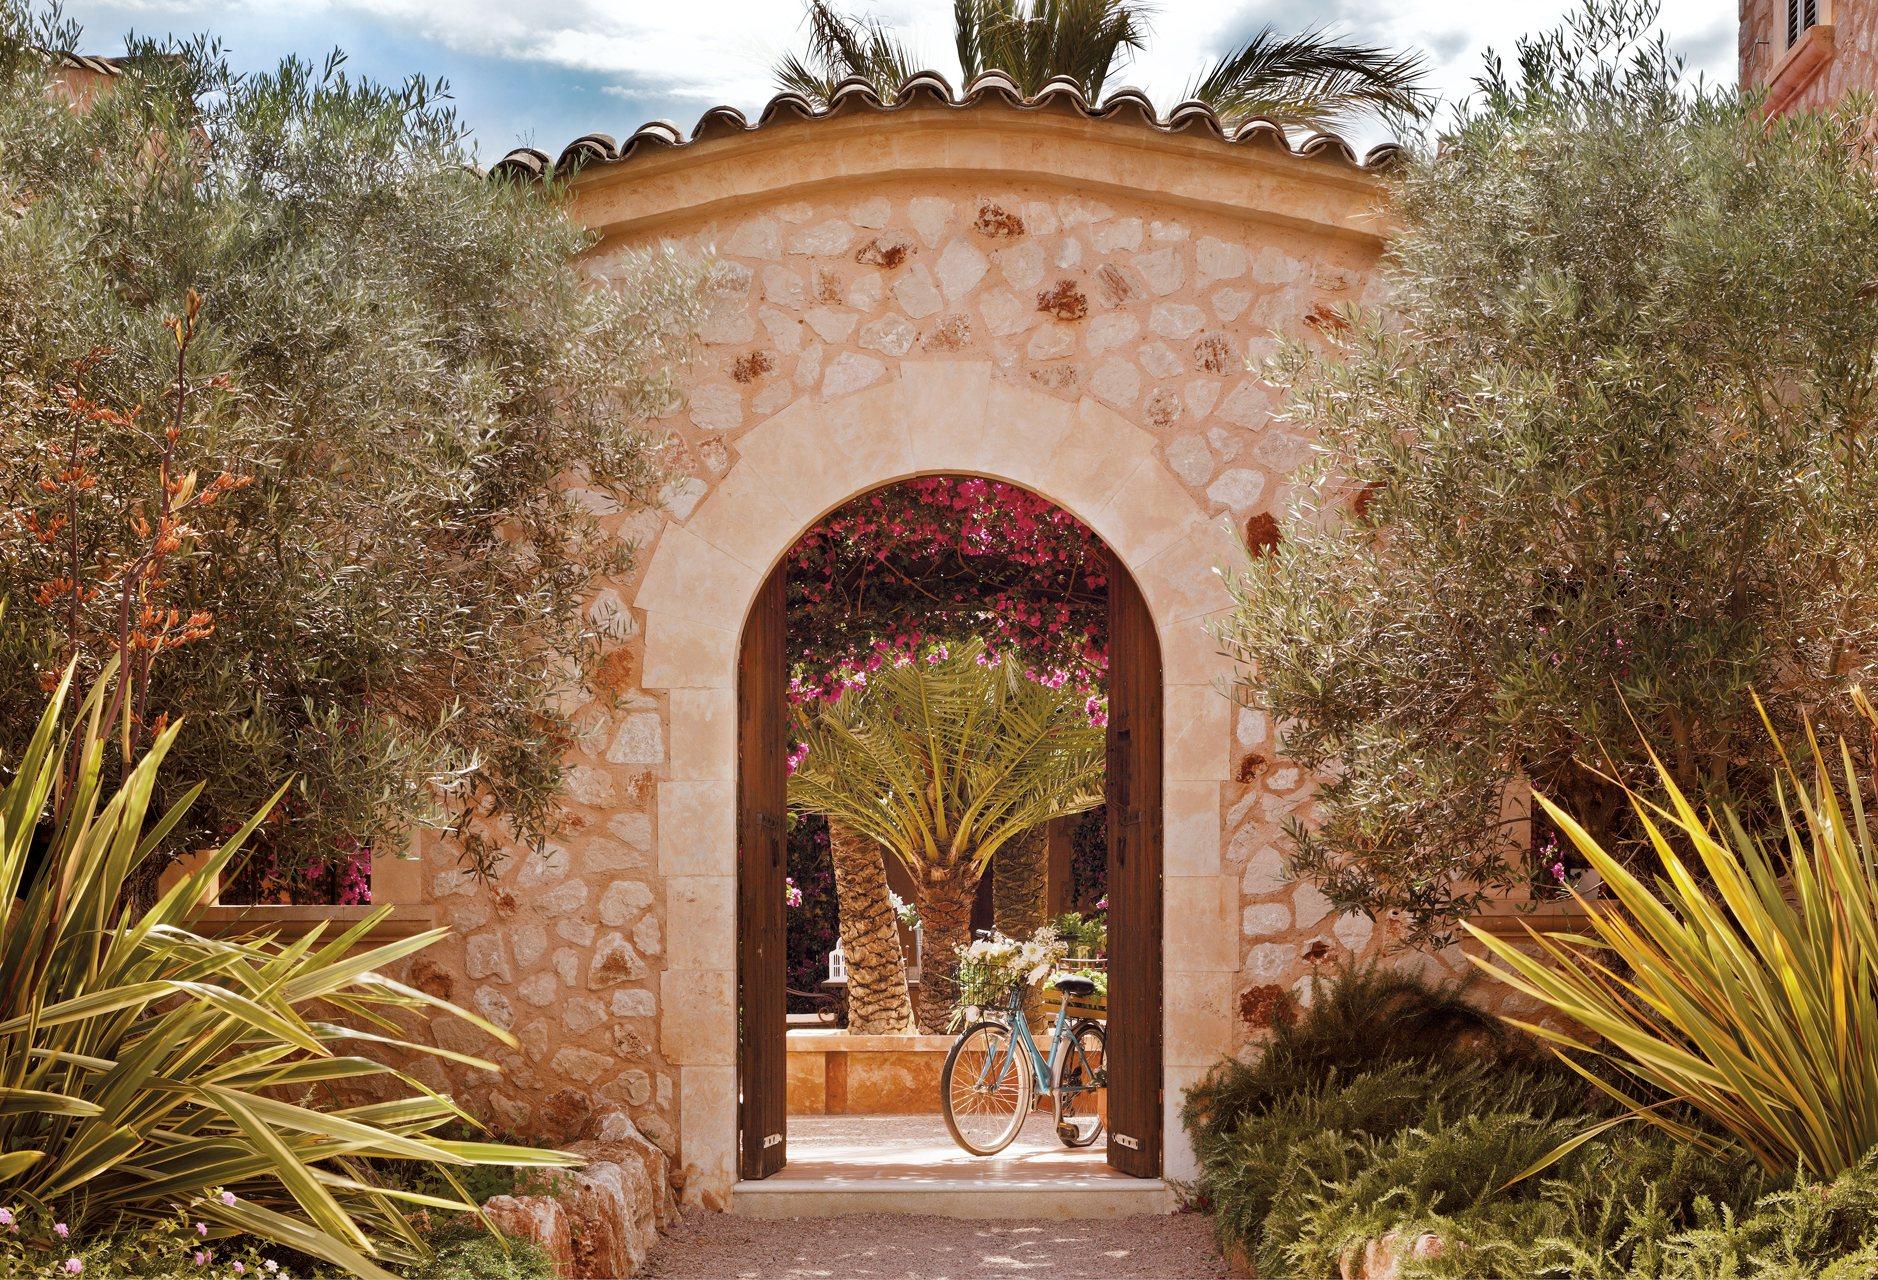 Una casa en mallorca rodeada de jard n y buganvillas for Jardin entrada casa